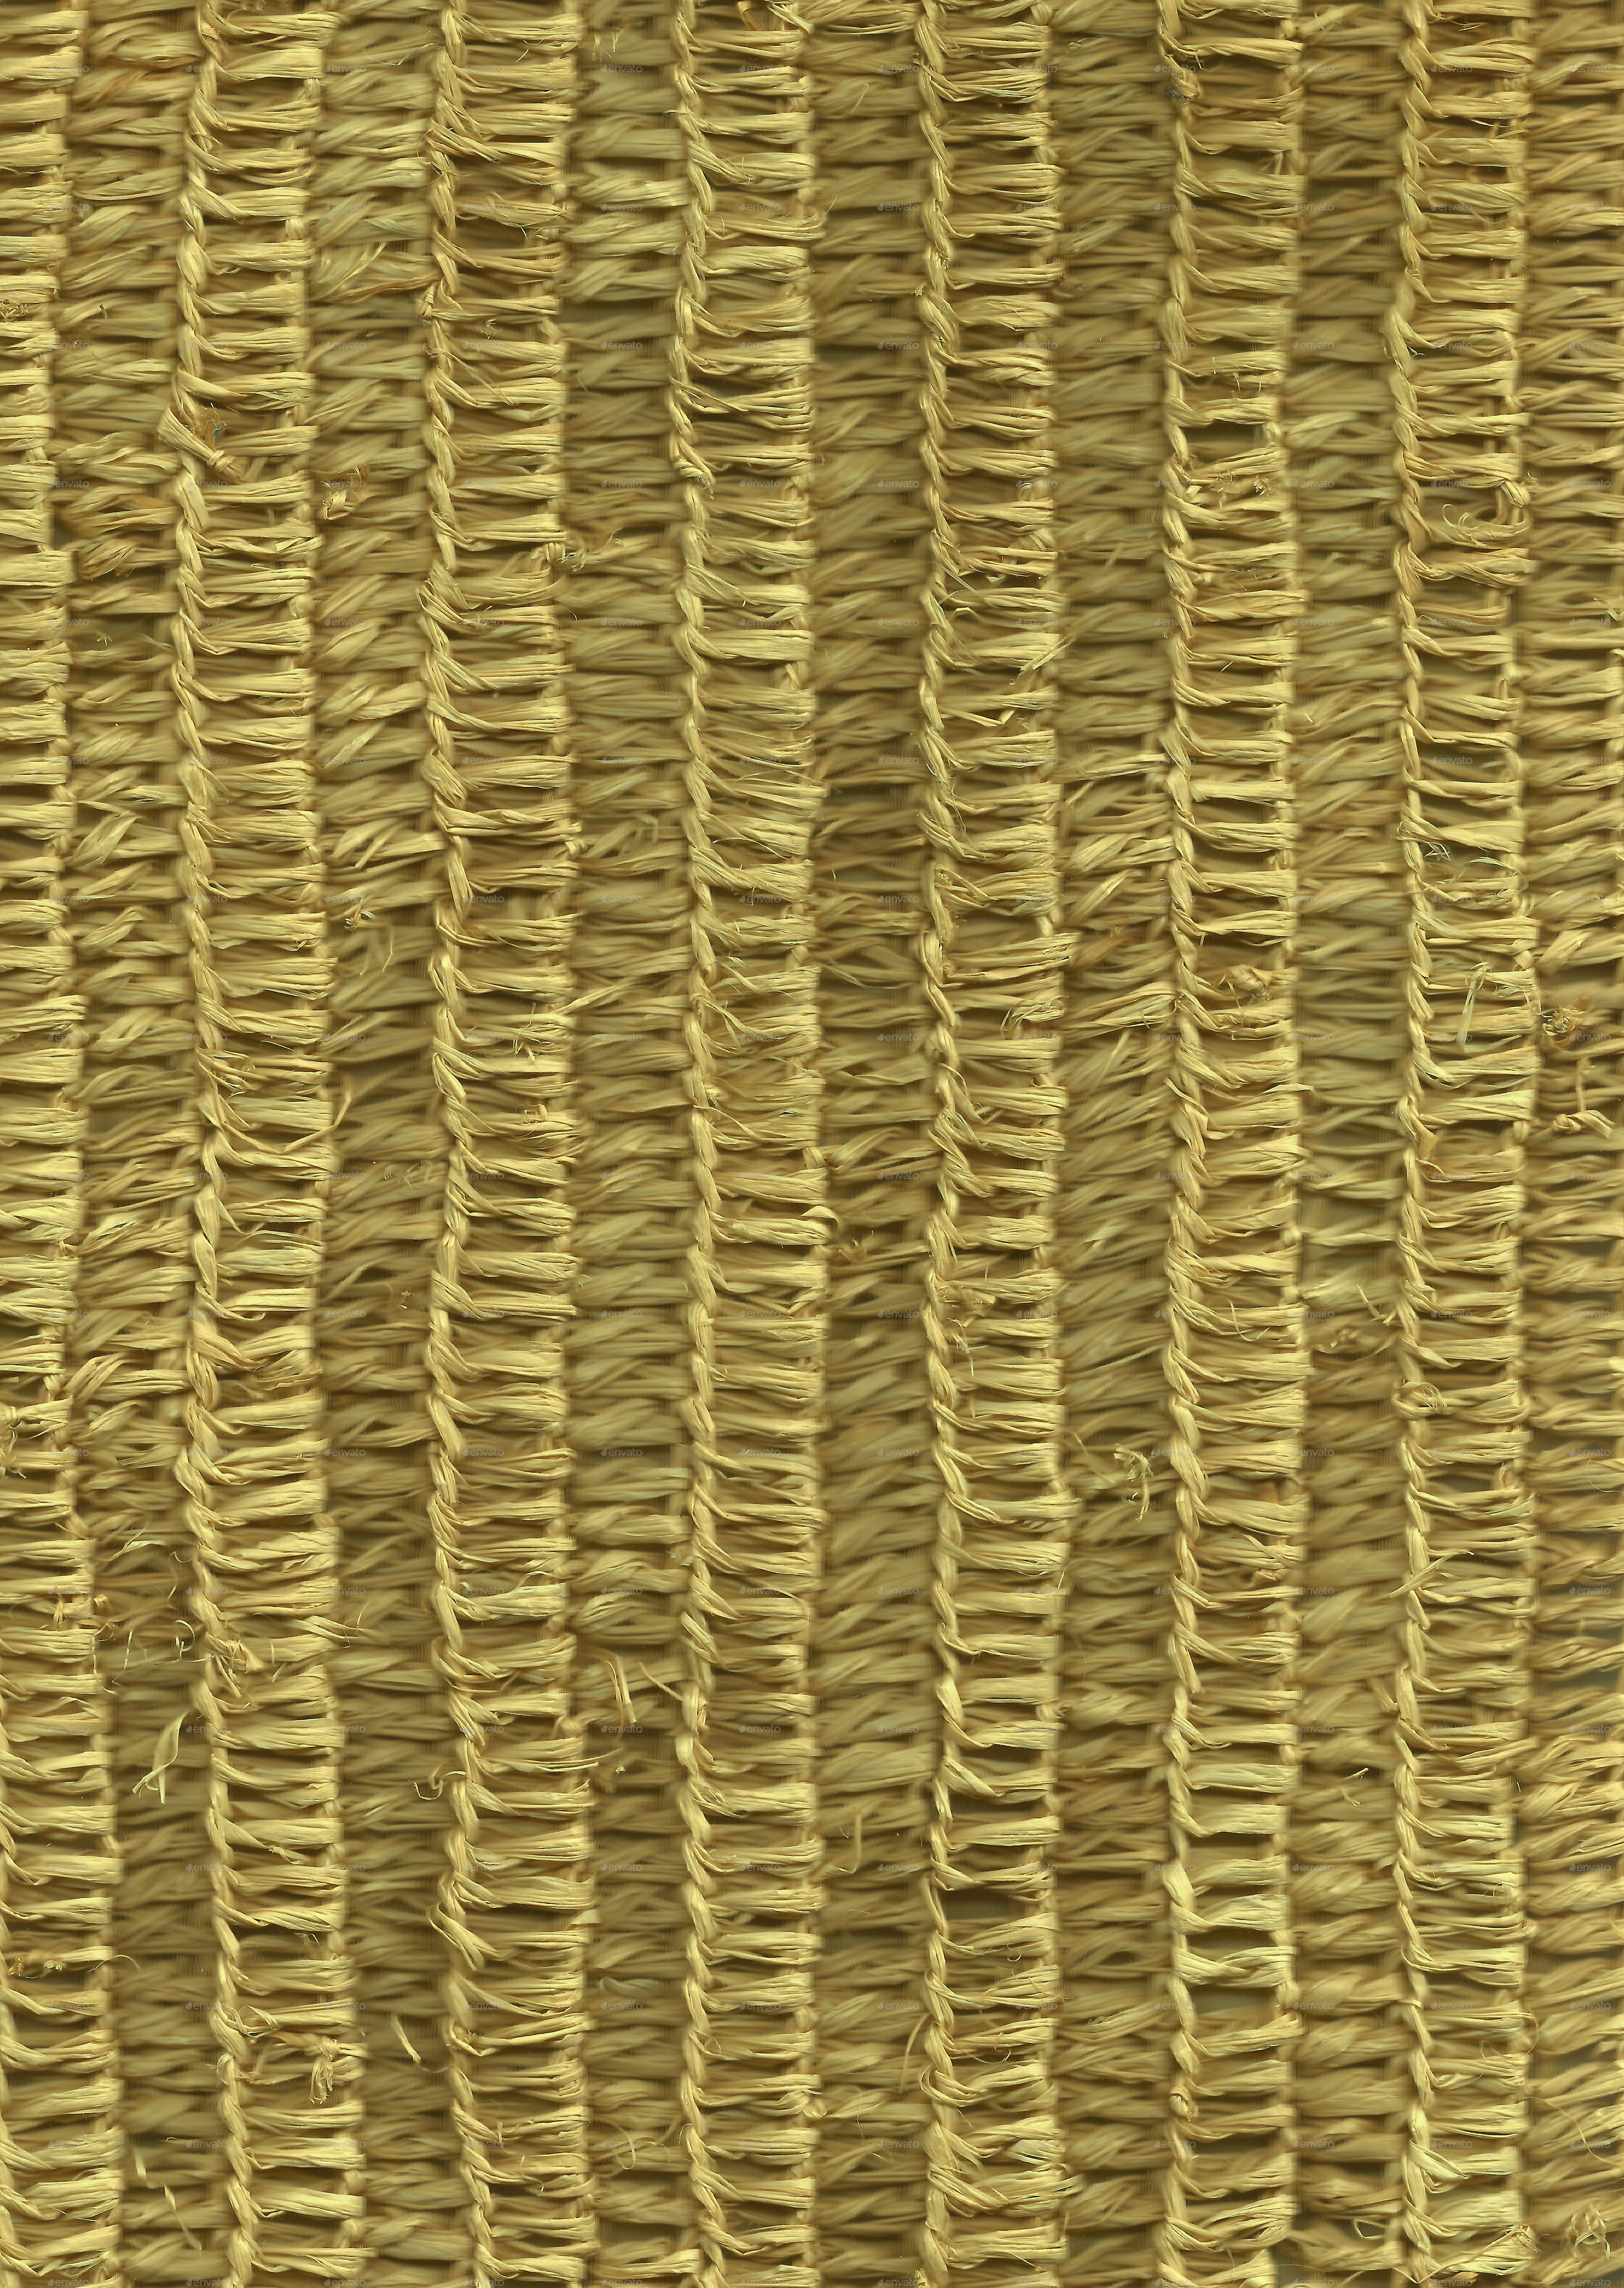 Knit Background